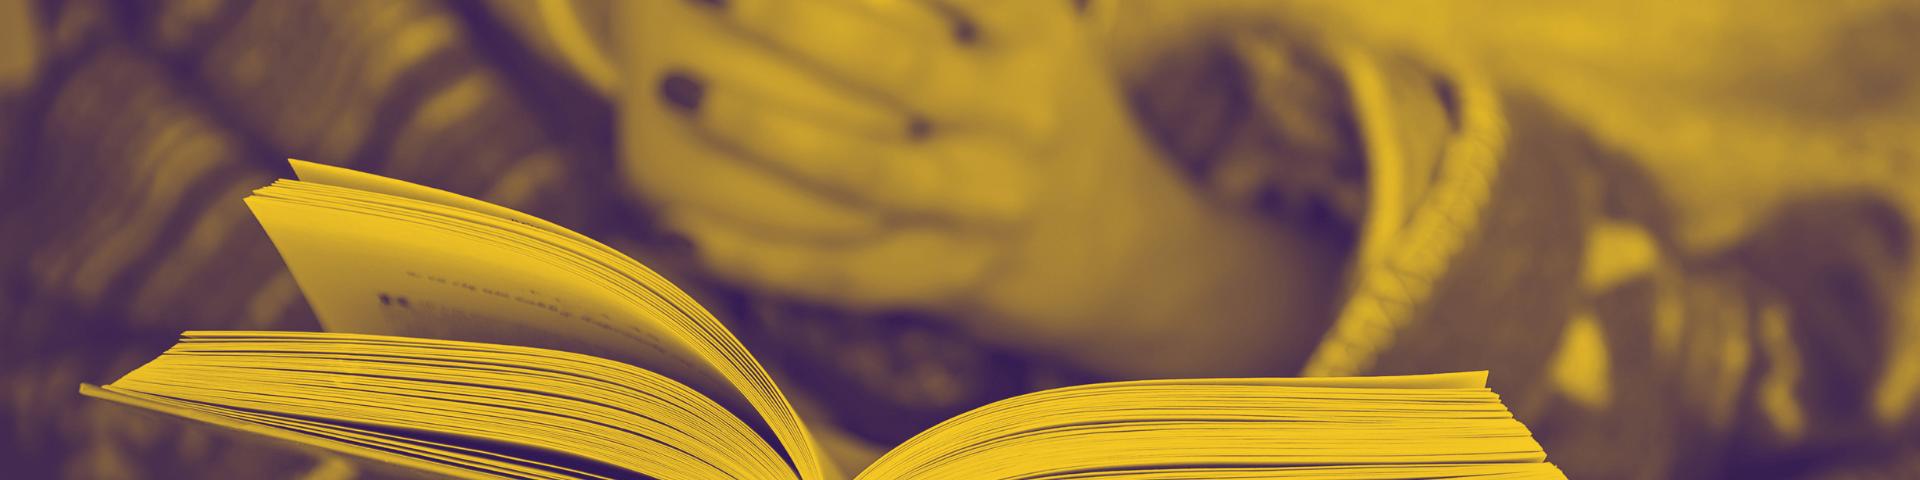 Día del Libro: cómo optimizar los beneficios de la lectura